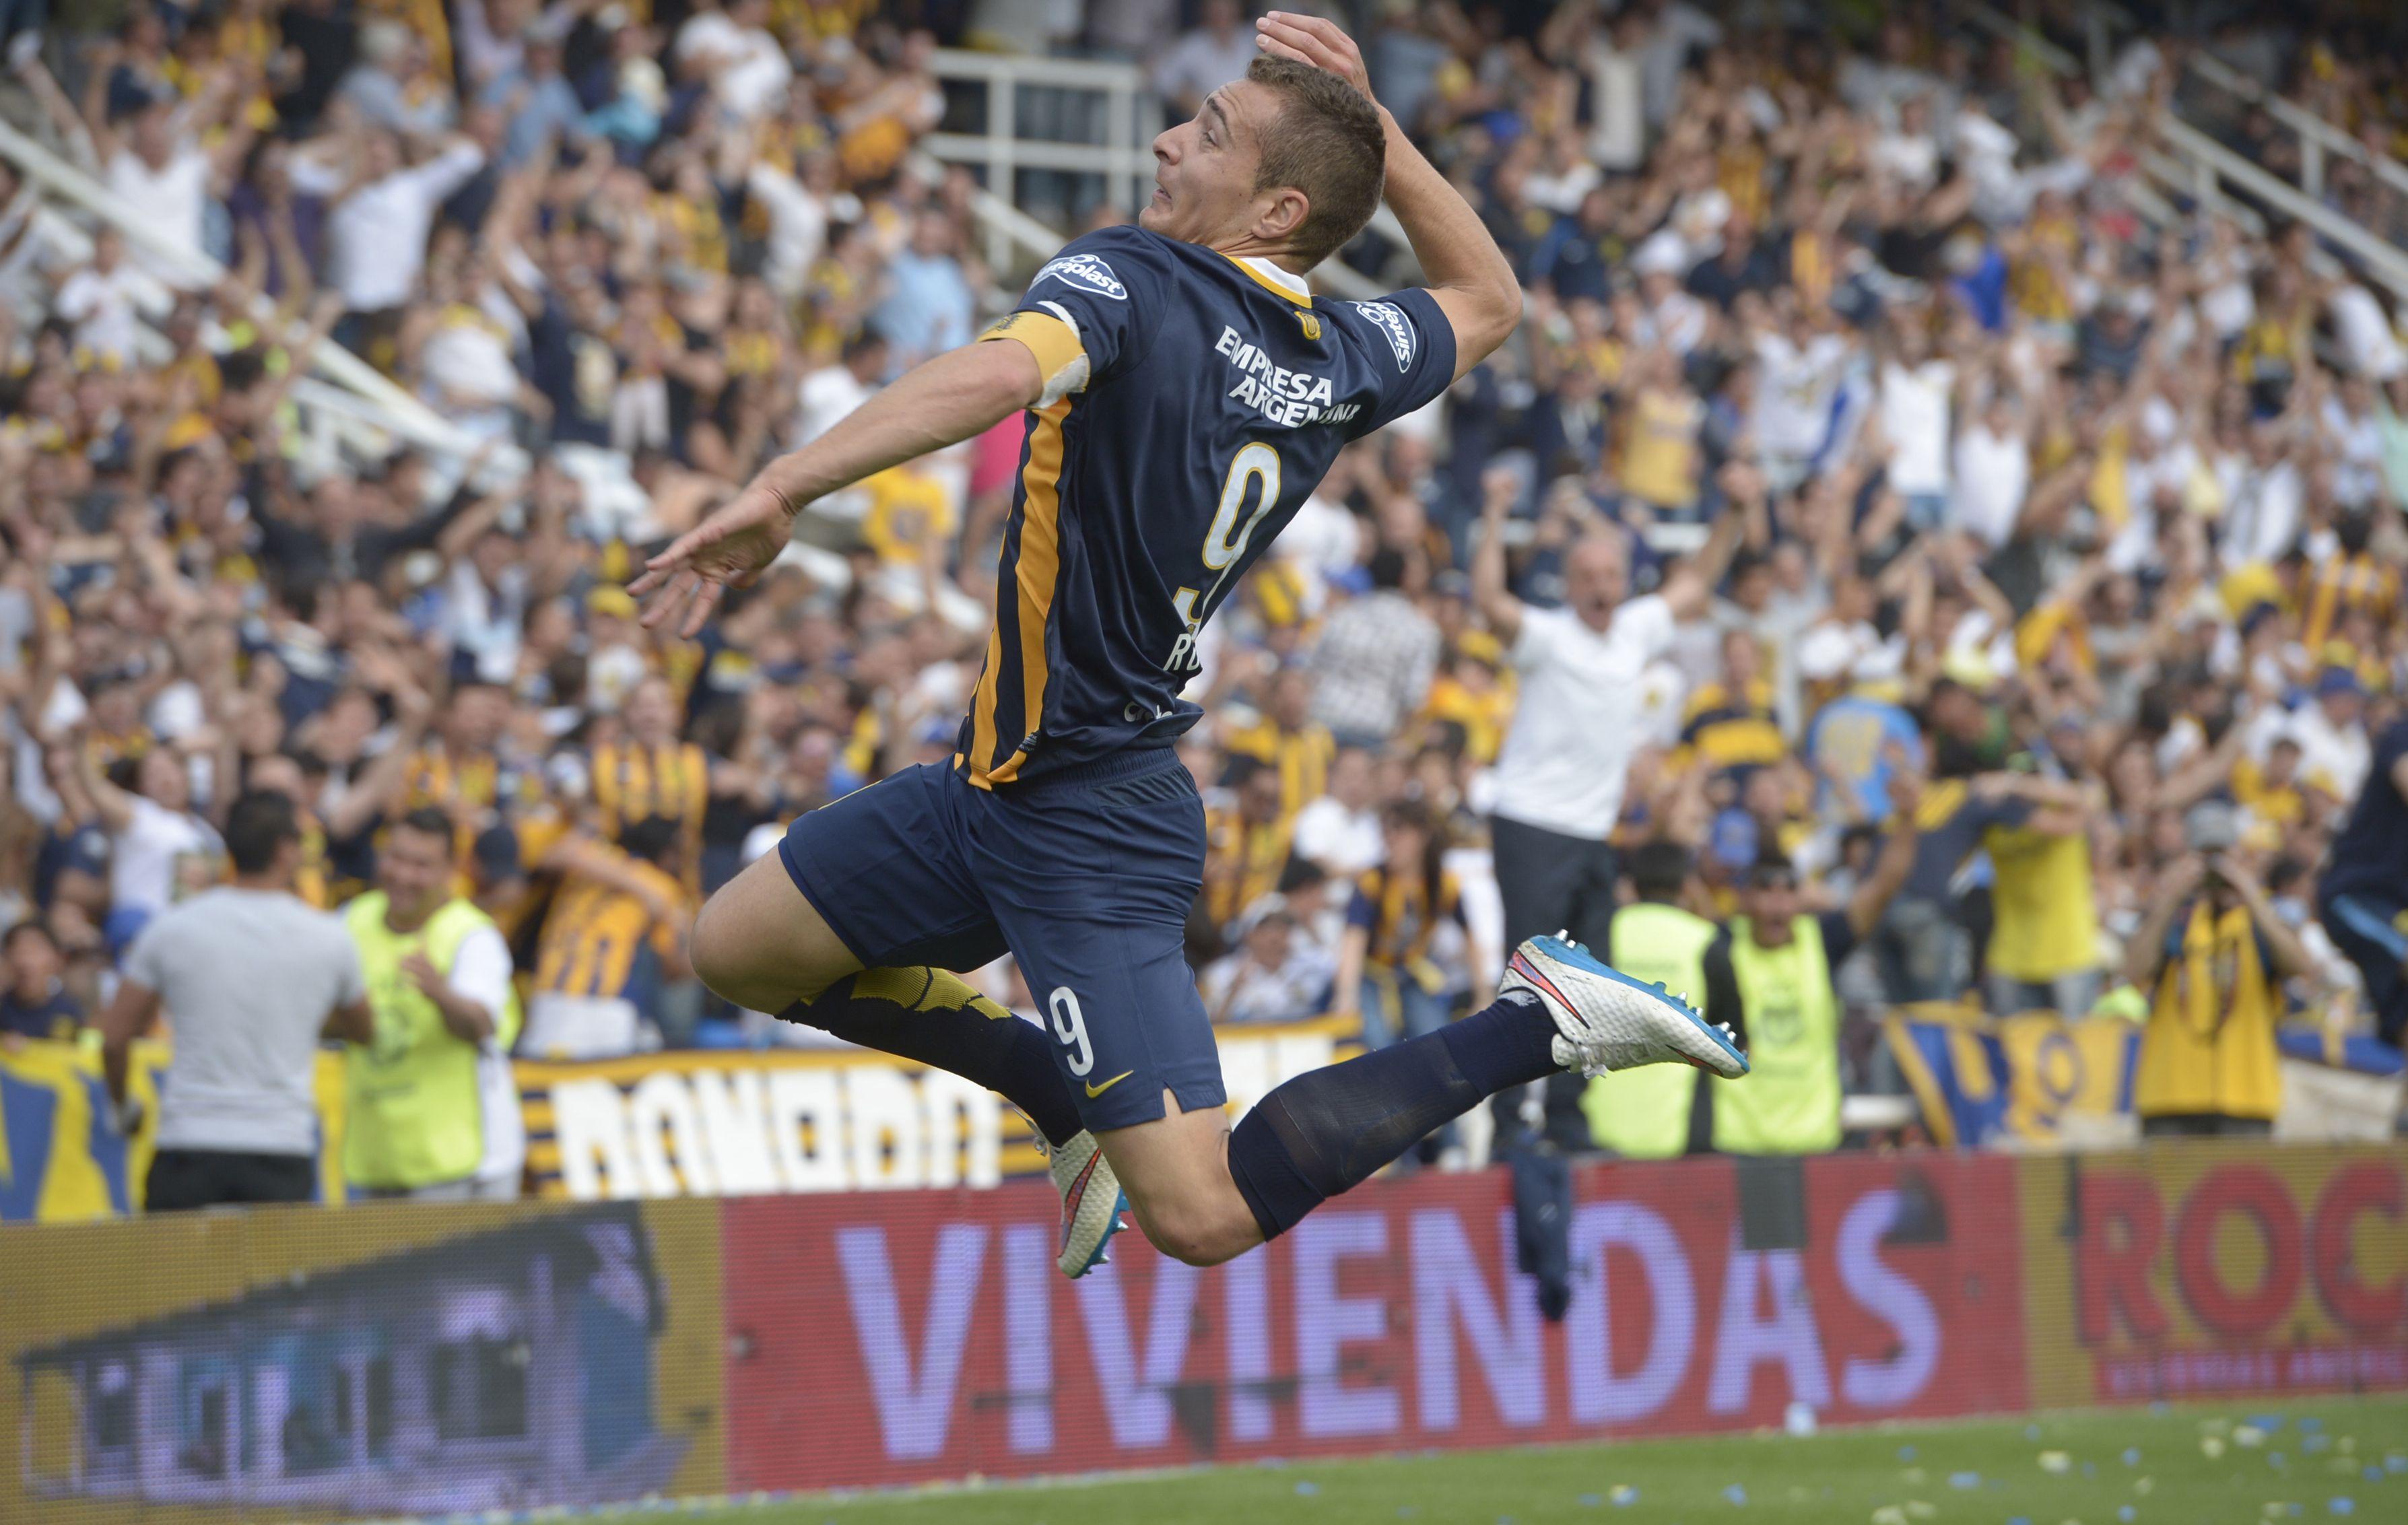 El atacante Ruben es el goleador del campeonato.